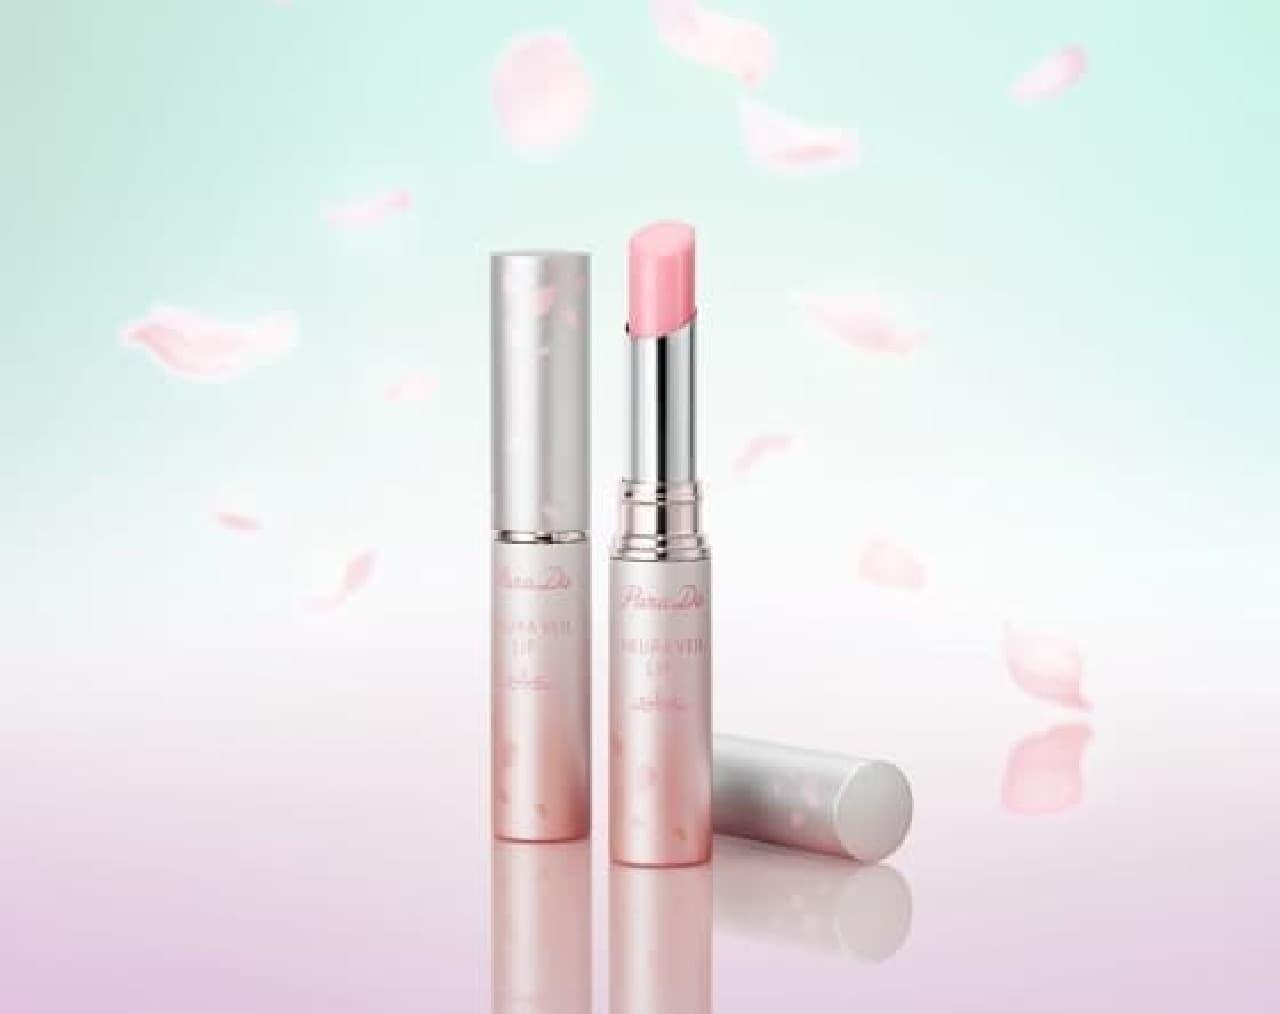 パラドゥ サクラヴェールリップの限定色「PK03 しあわせ重なる濃い桜色」